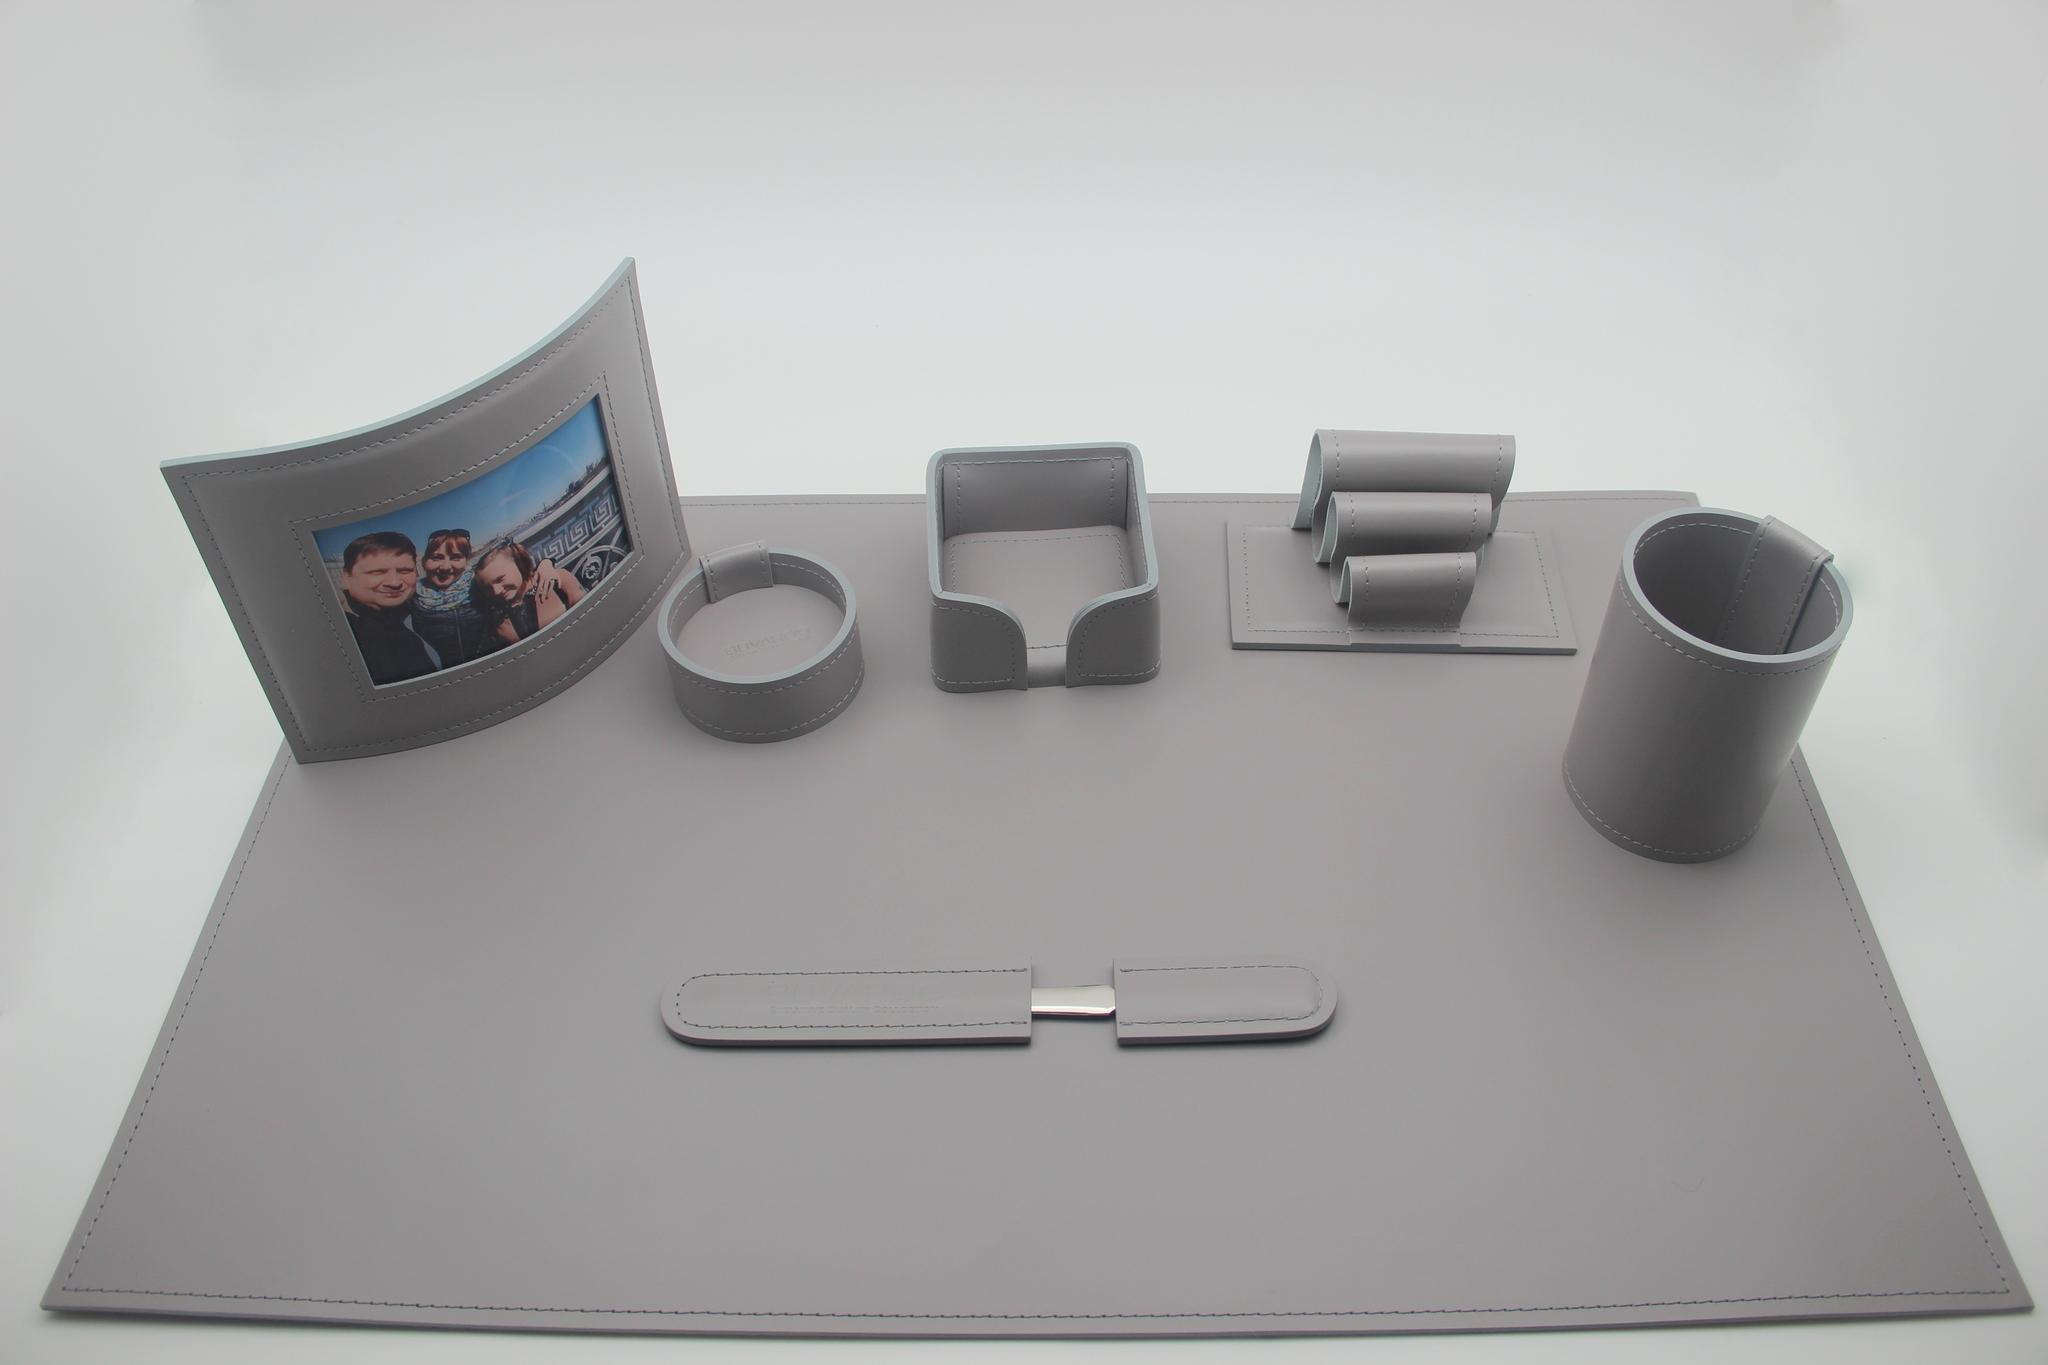 Набор на стол руководителю 7 предметов кожа цвет серый - распродажа.